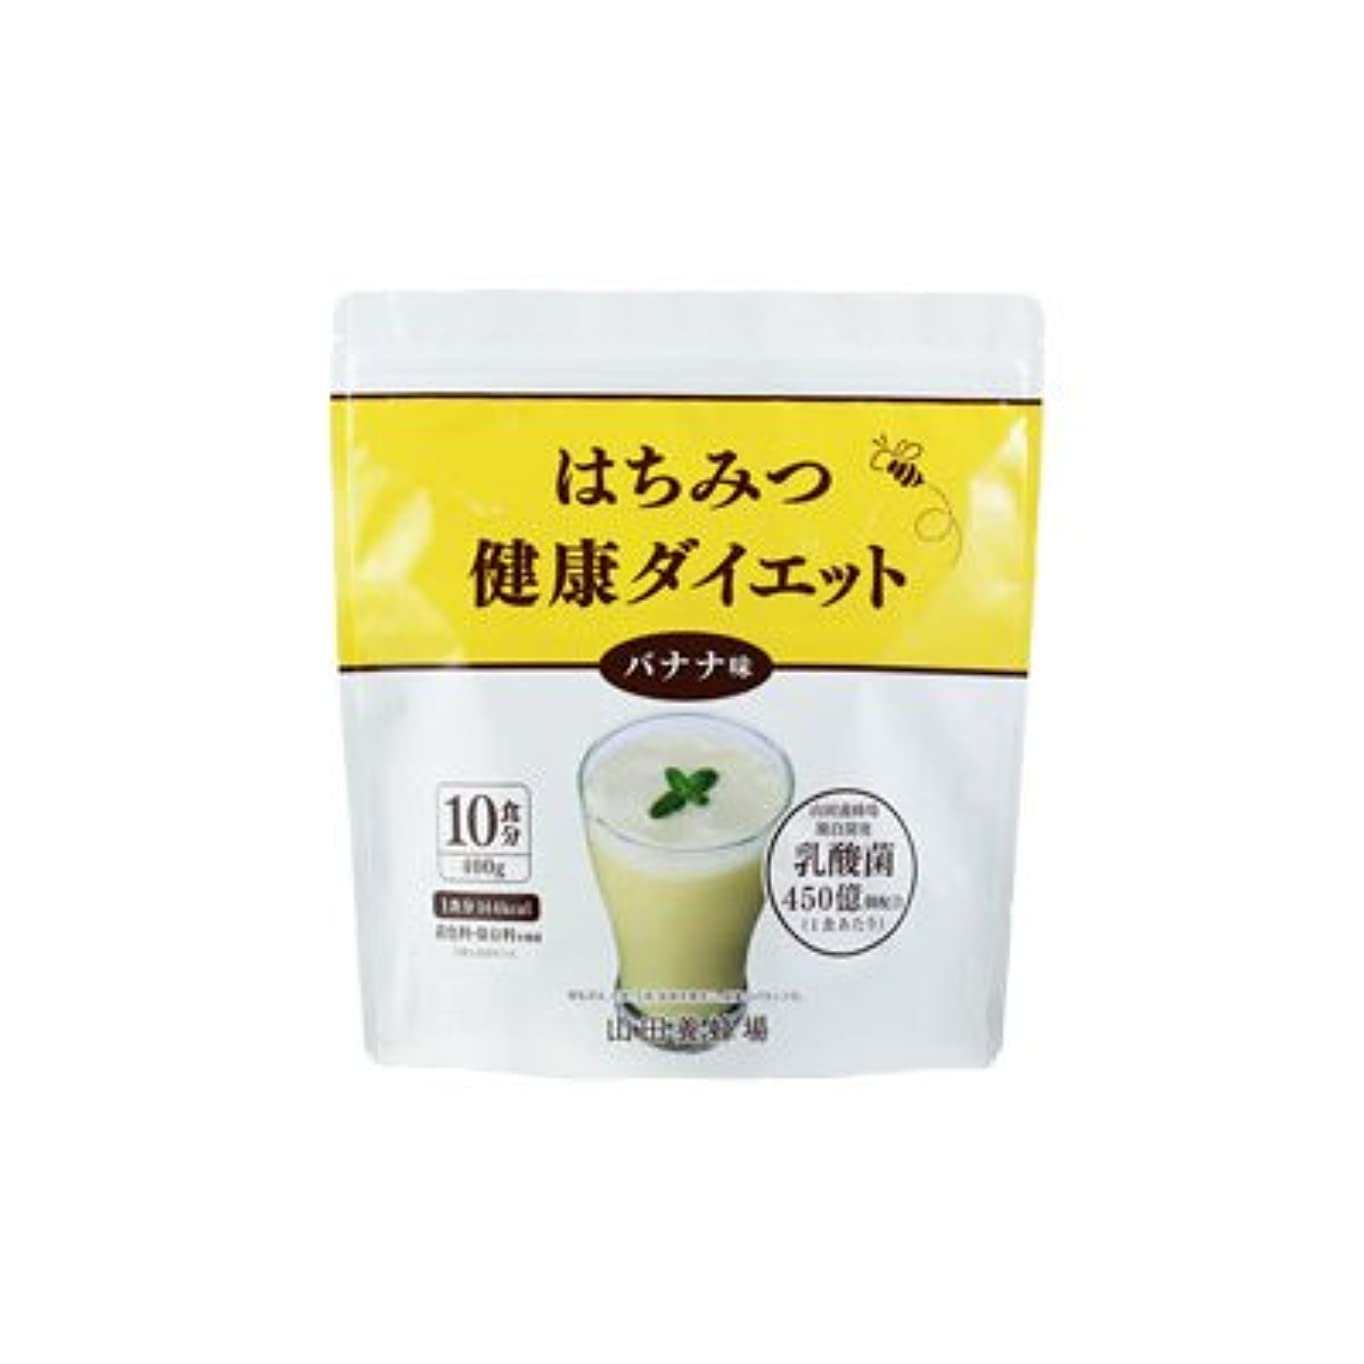 爆発物展示会リンスはちみつ健康ダイエット 【バナナ味】400g(10食分)